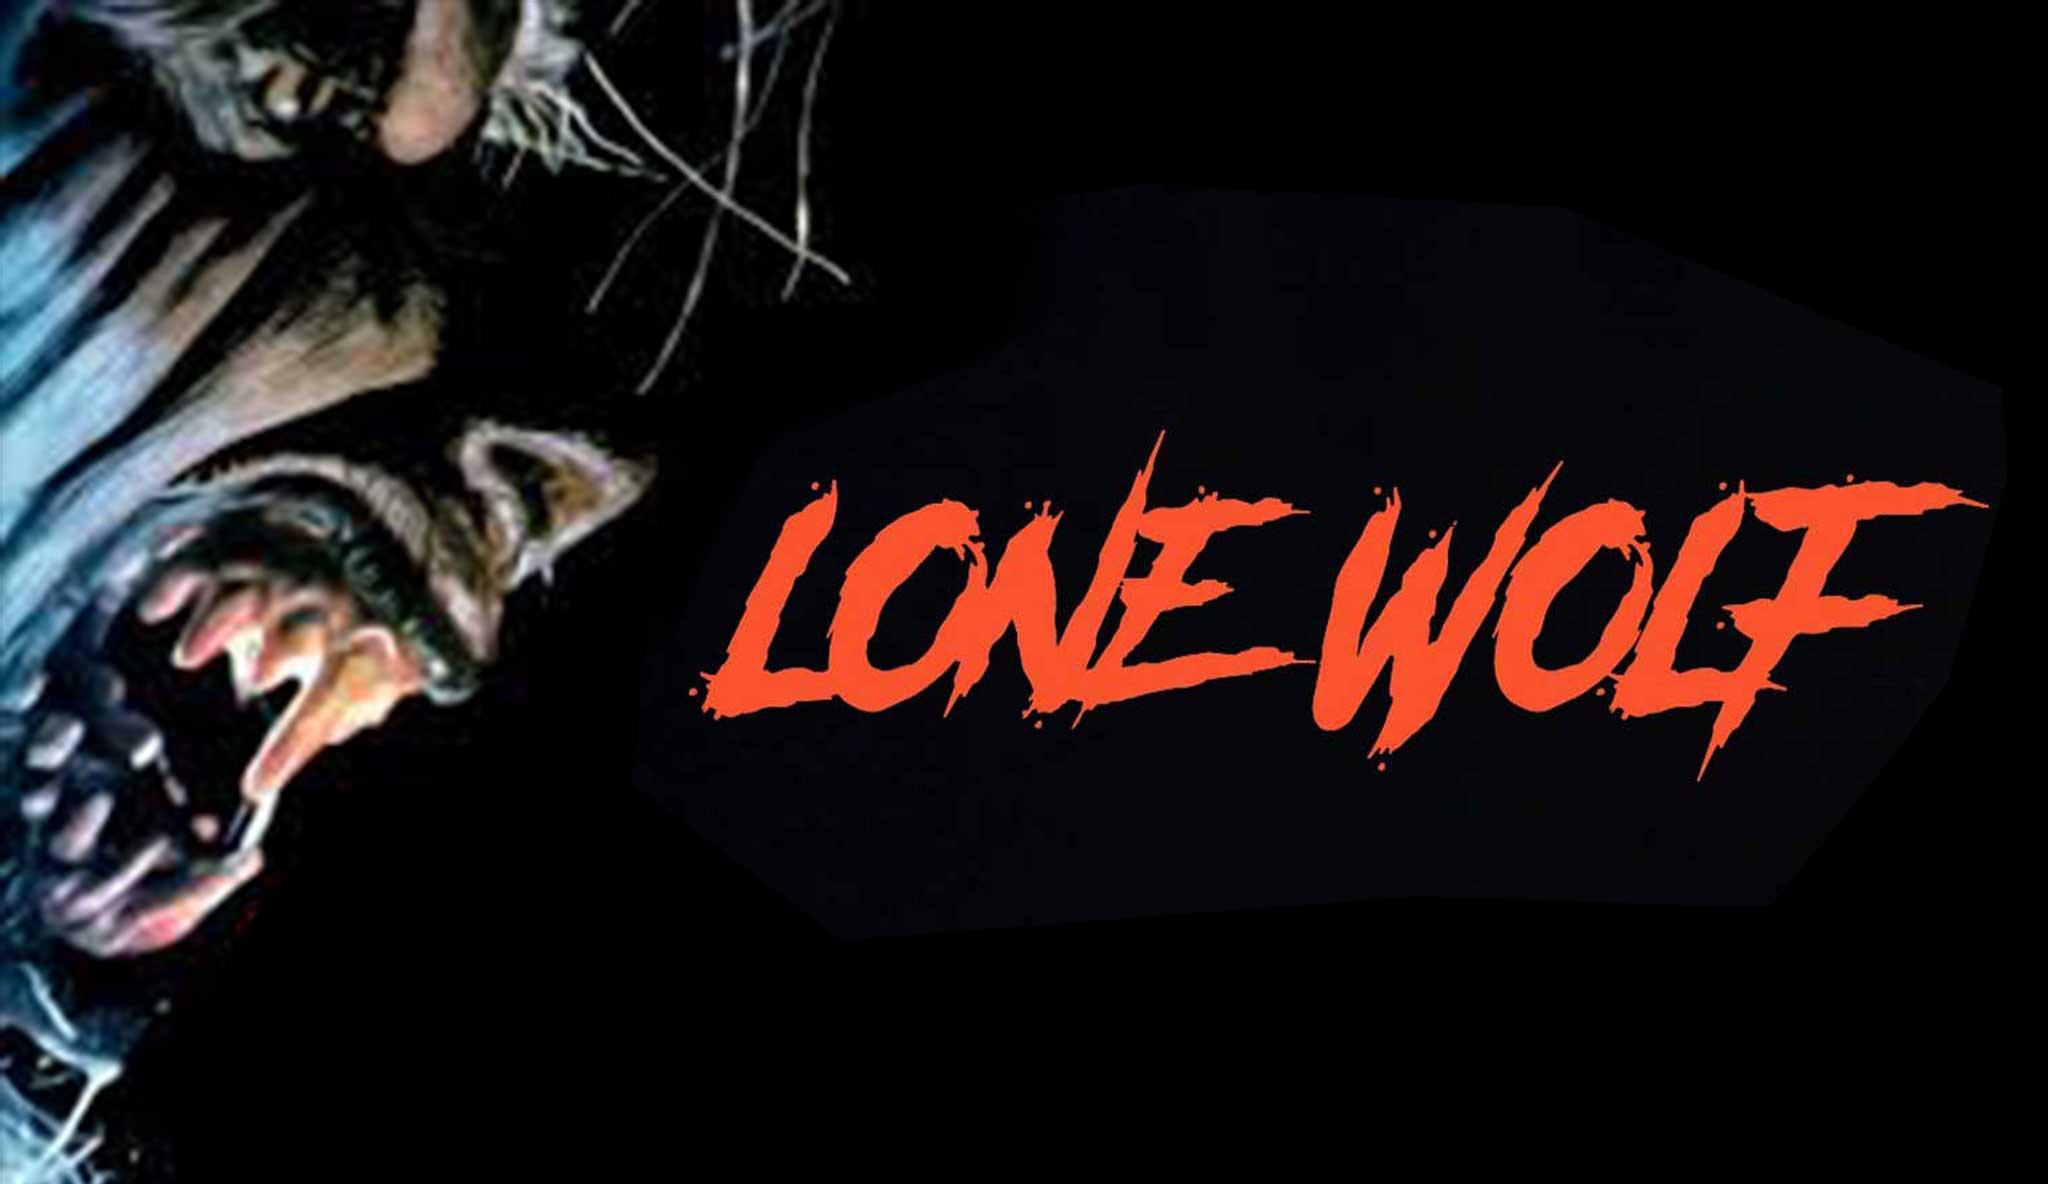 lone-wolf\header.jpg